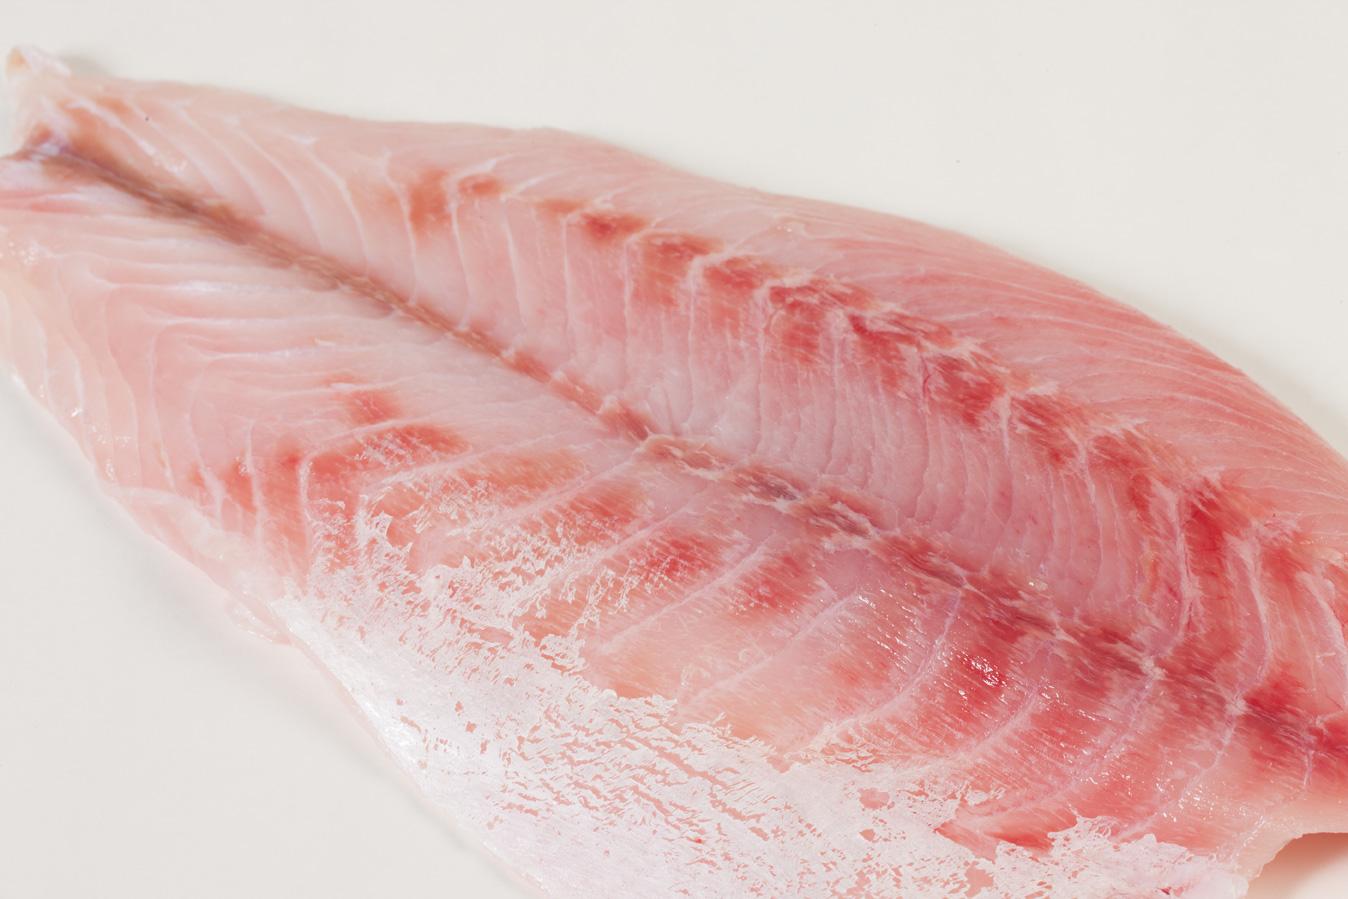 Groothandel-vis-FishXL-vis-victoriabaars_WL_9030